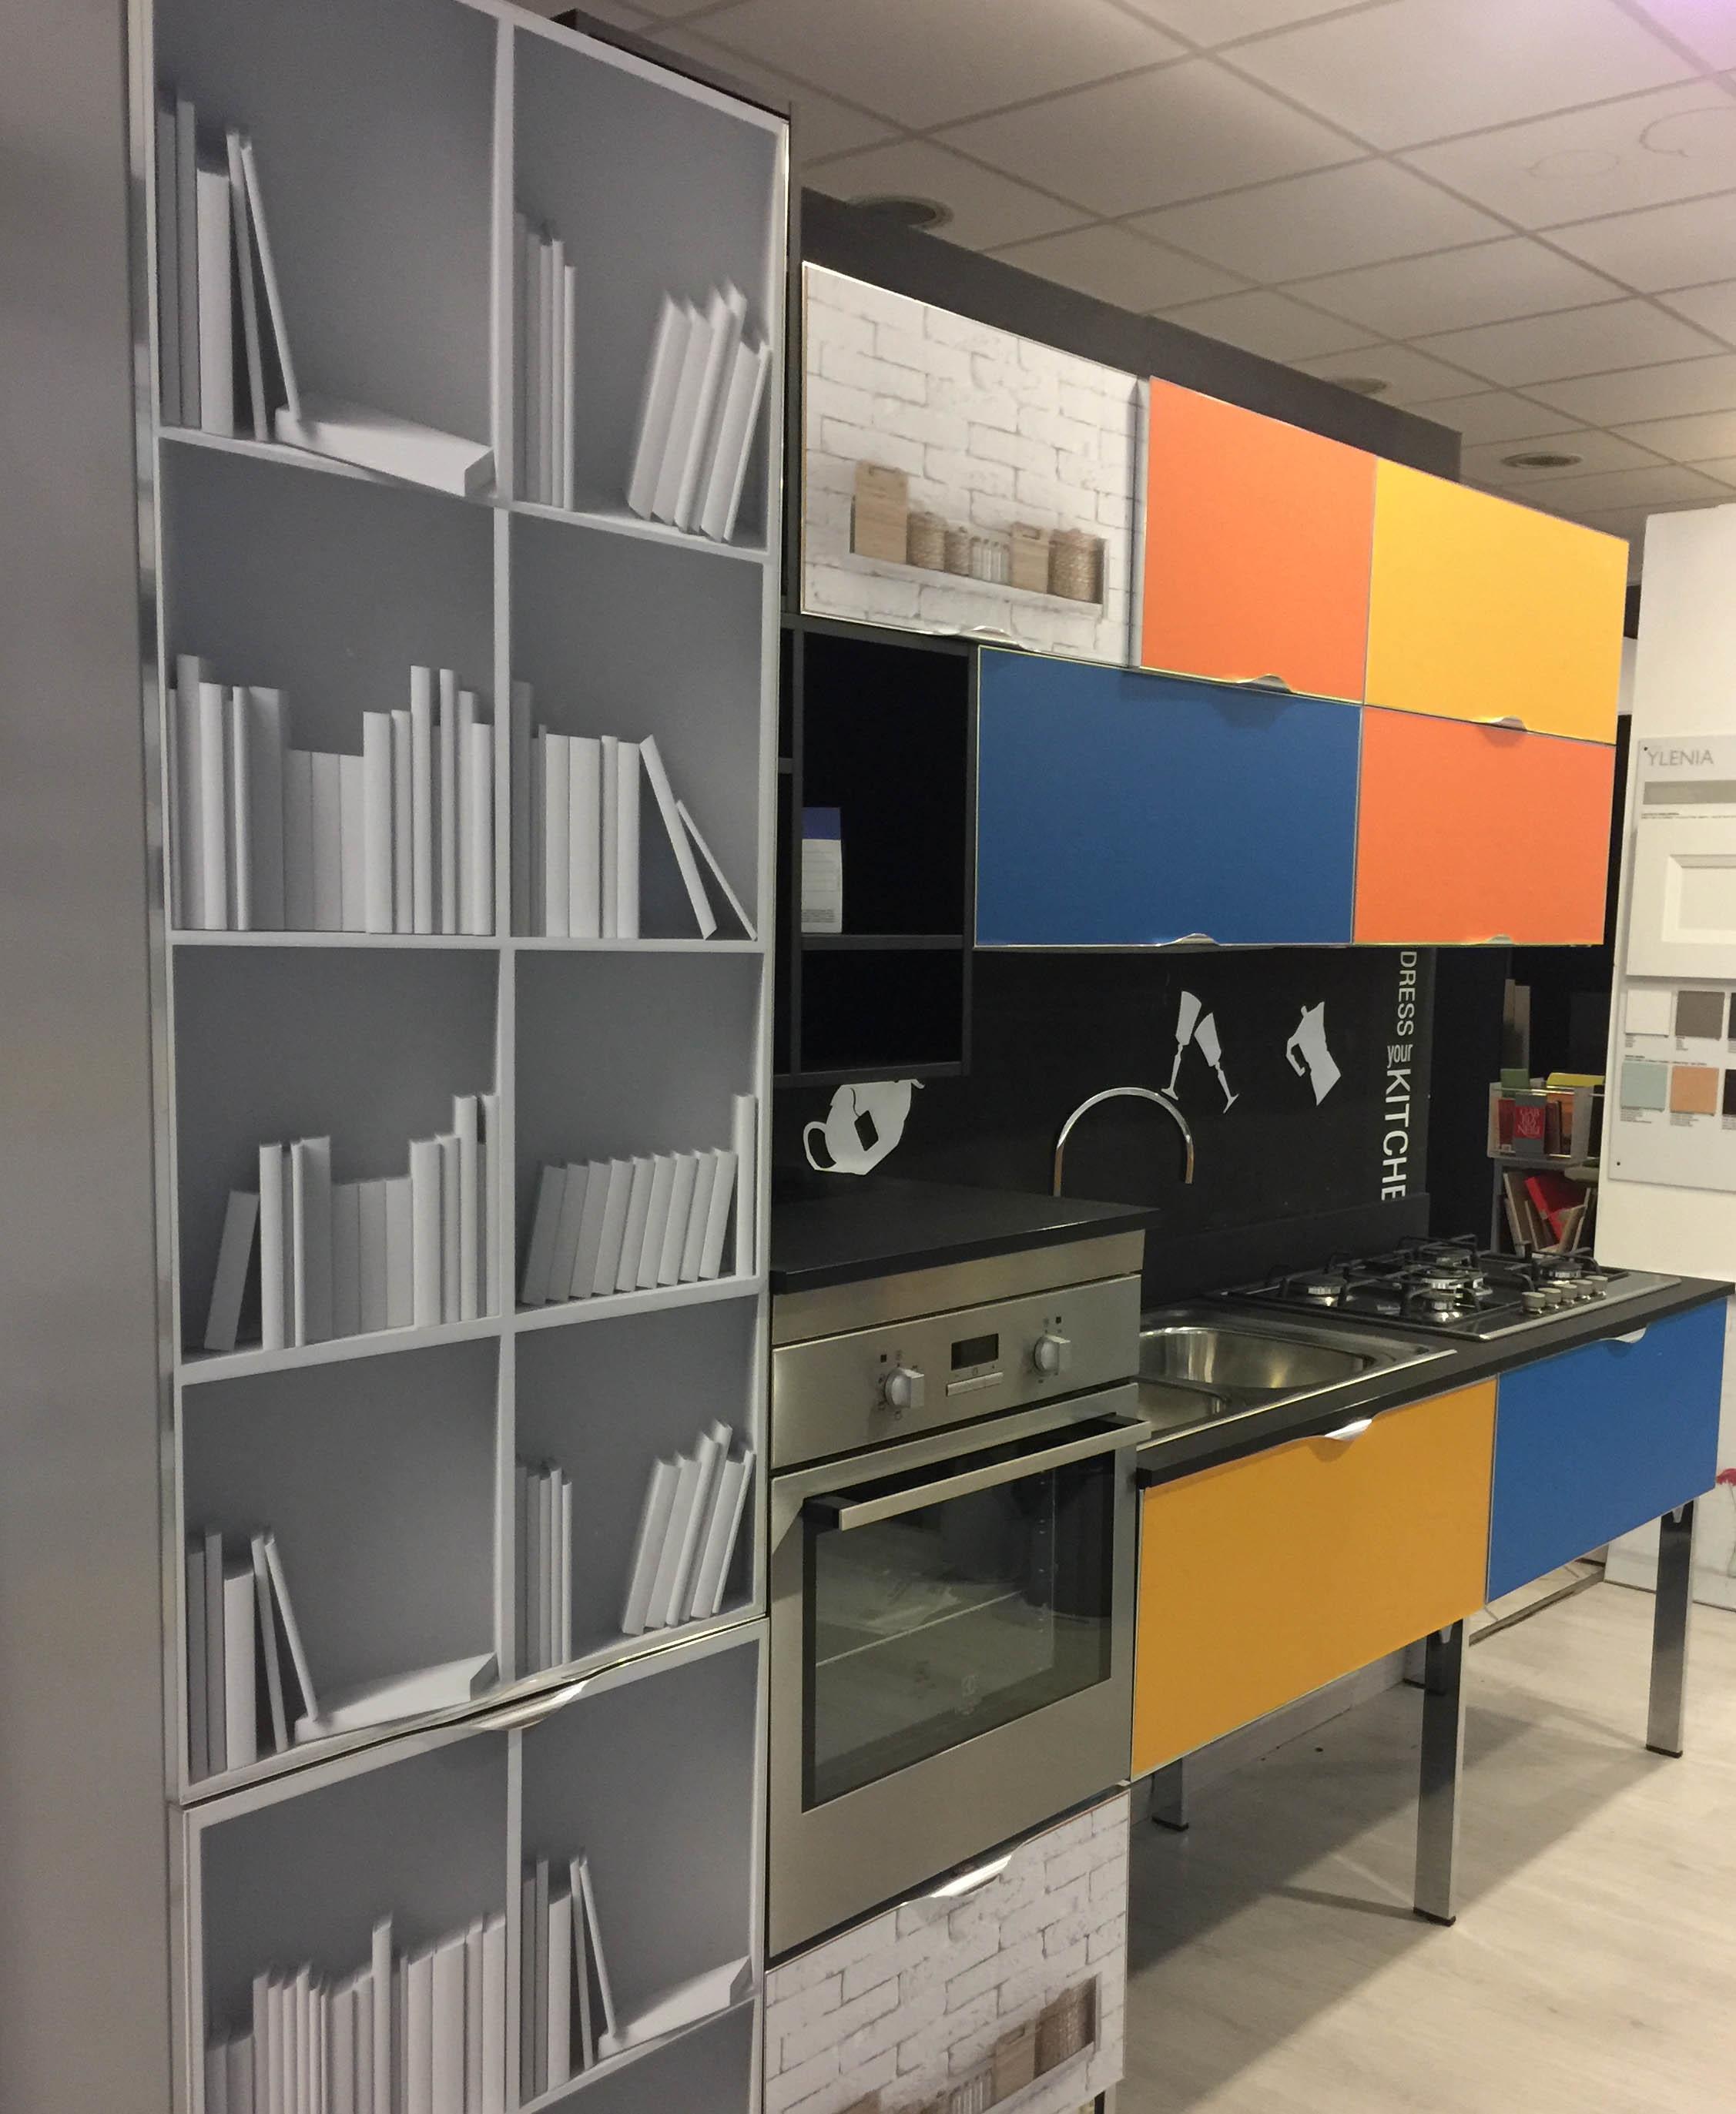 Aran cucine cucina cover scontato del 68 cucine a prezzi scontati - Aran cucine outlet ...